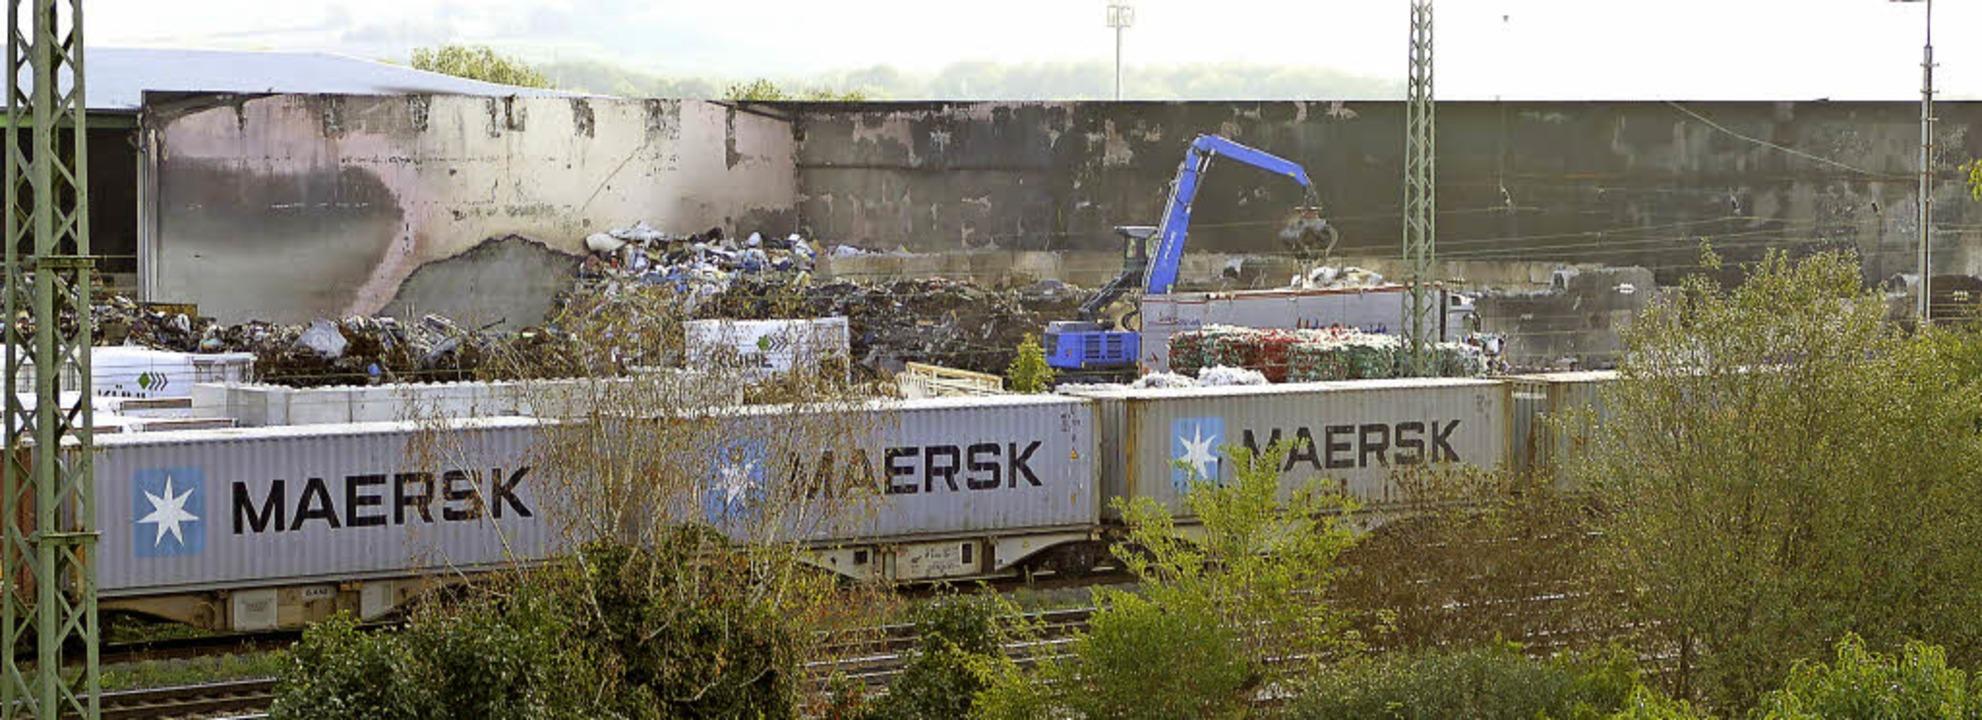 Die Aufräumarbeiten auf dem Kühl-Betri...nen, hielt Bürgermeister Schmid fest.   | Foto: Langelott